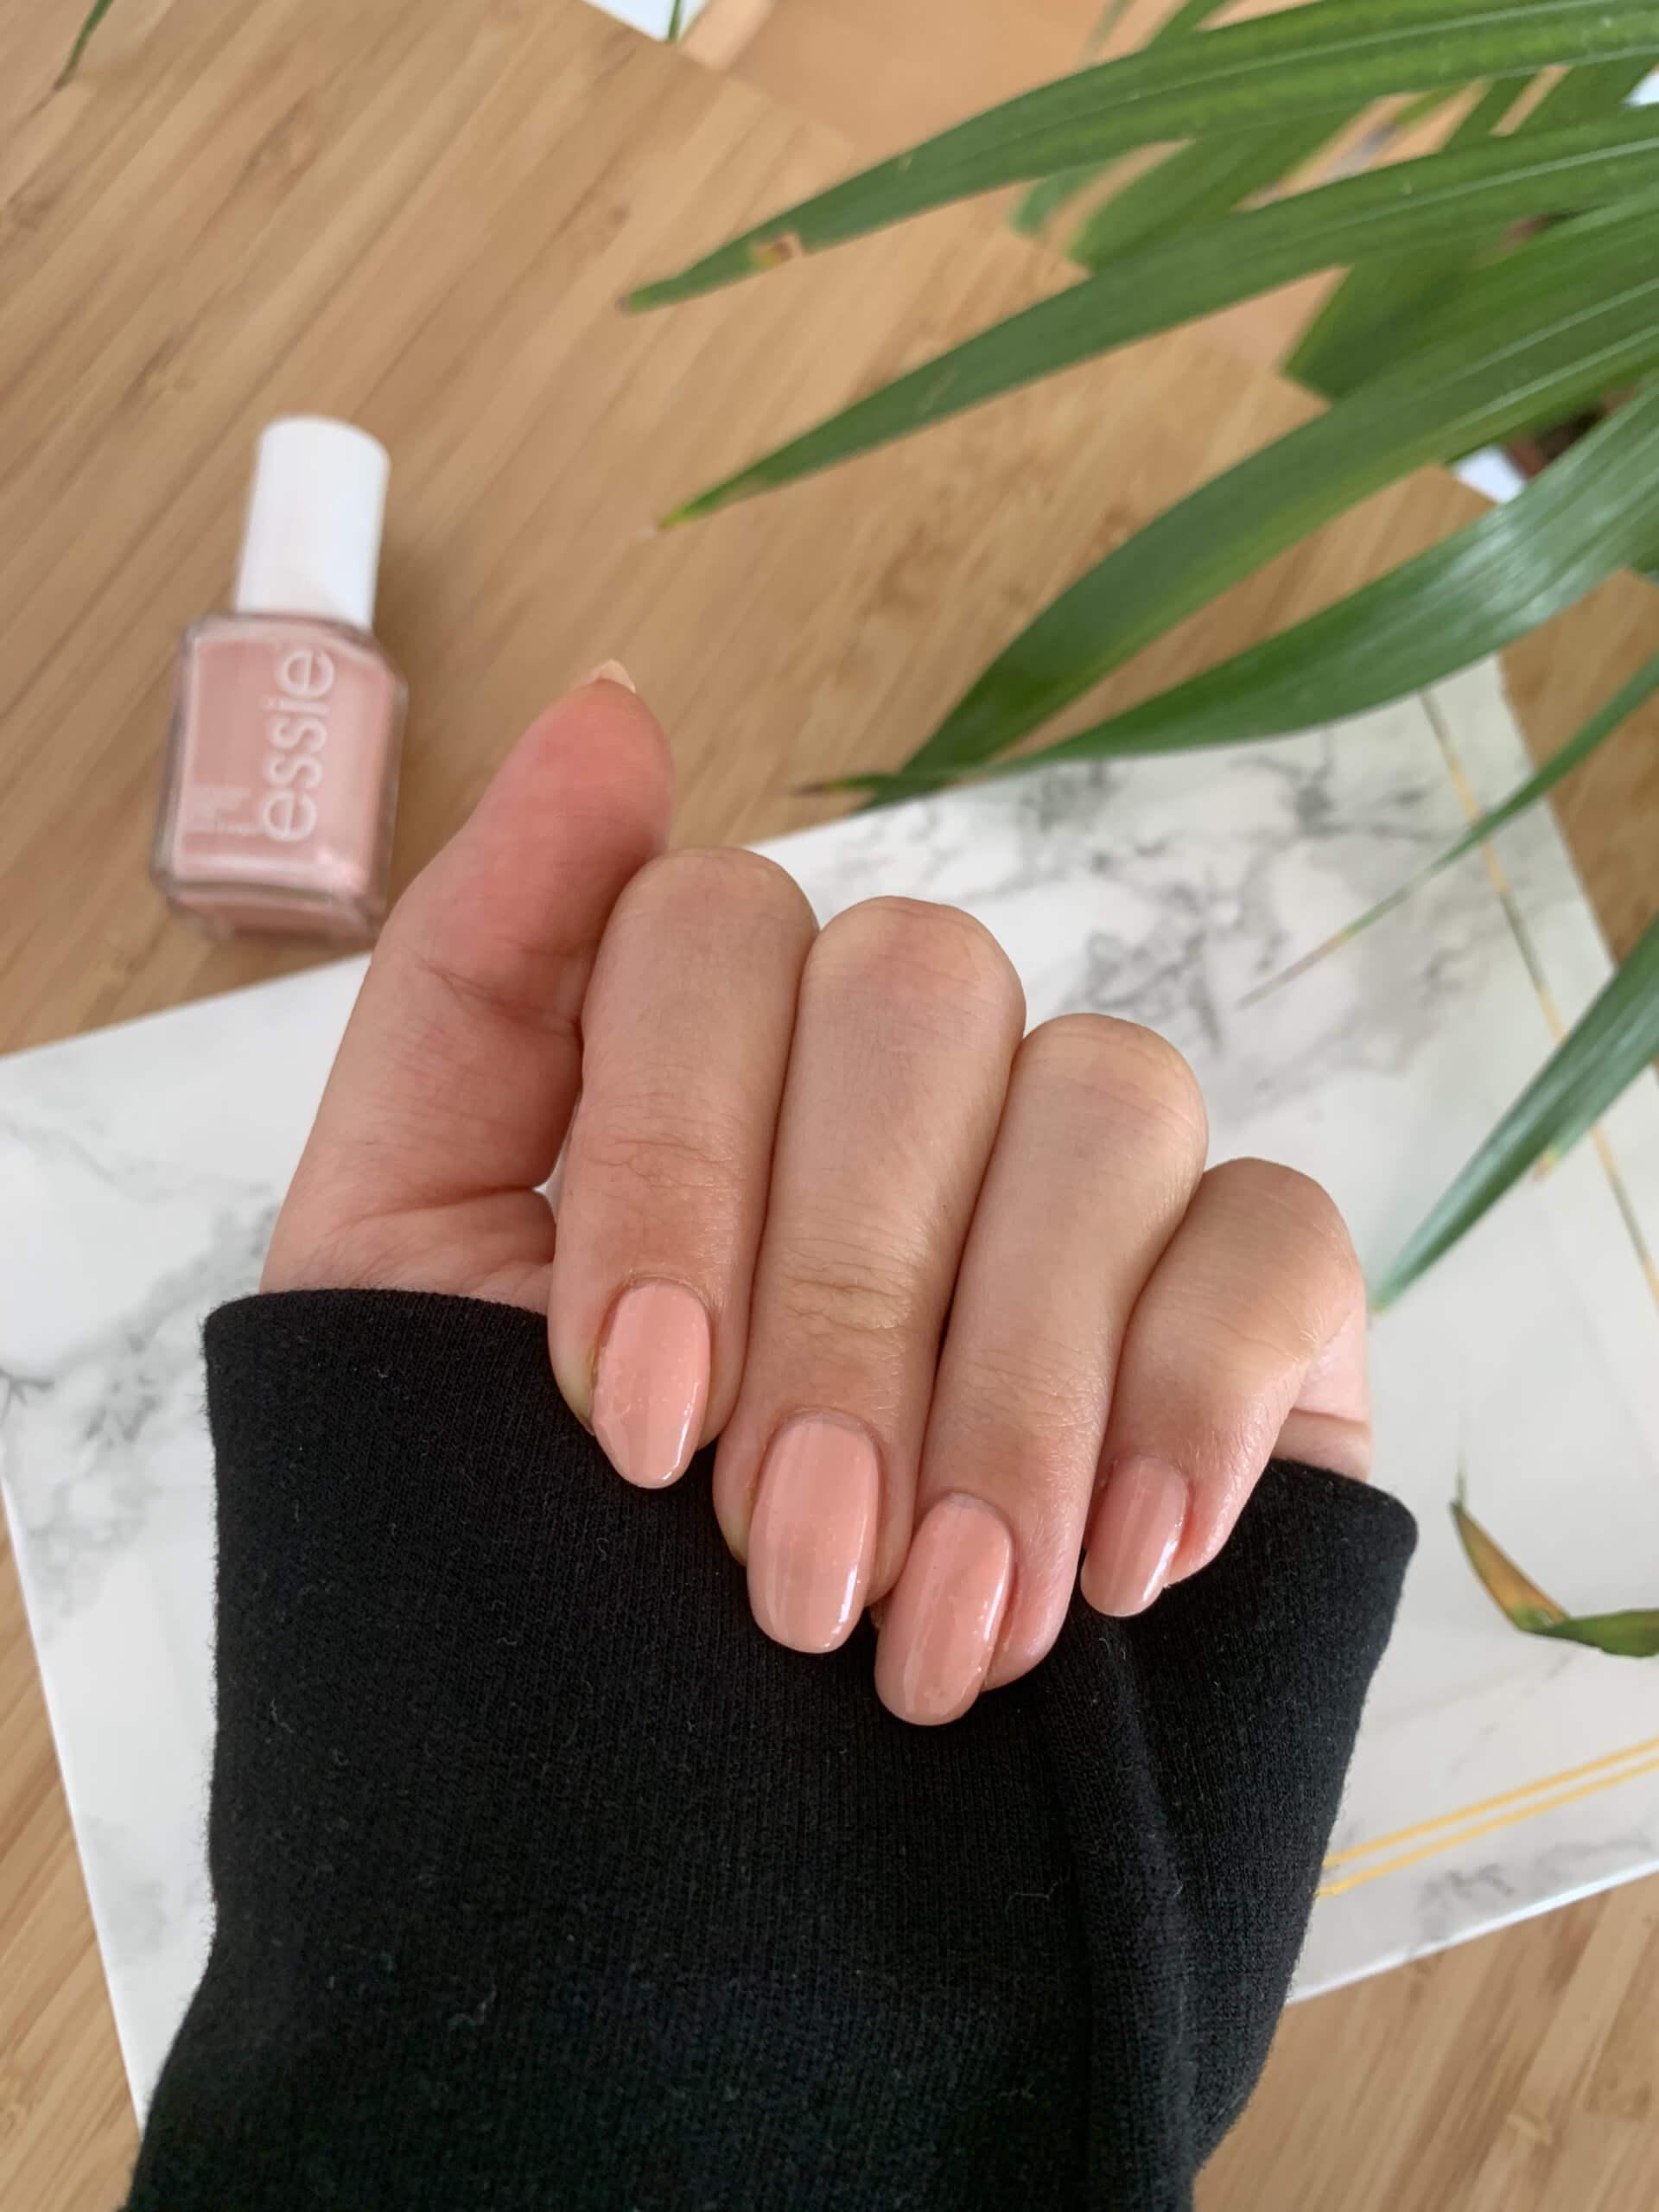 Von Natur aus lange Nägel - Tipps für lange Nägel und die richtige Nagelpflege